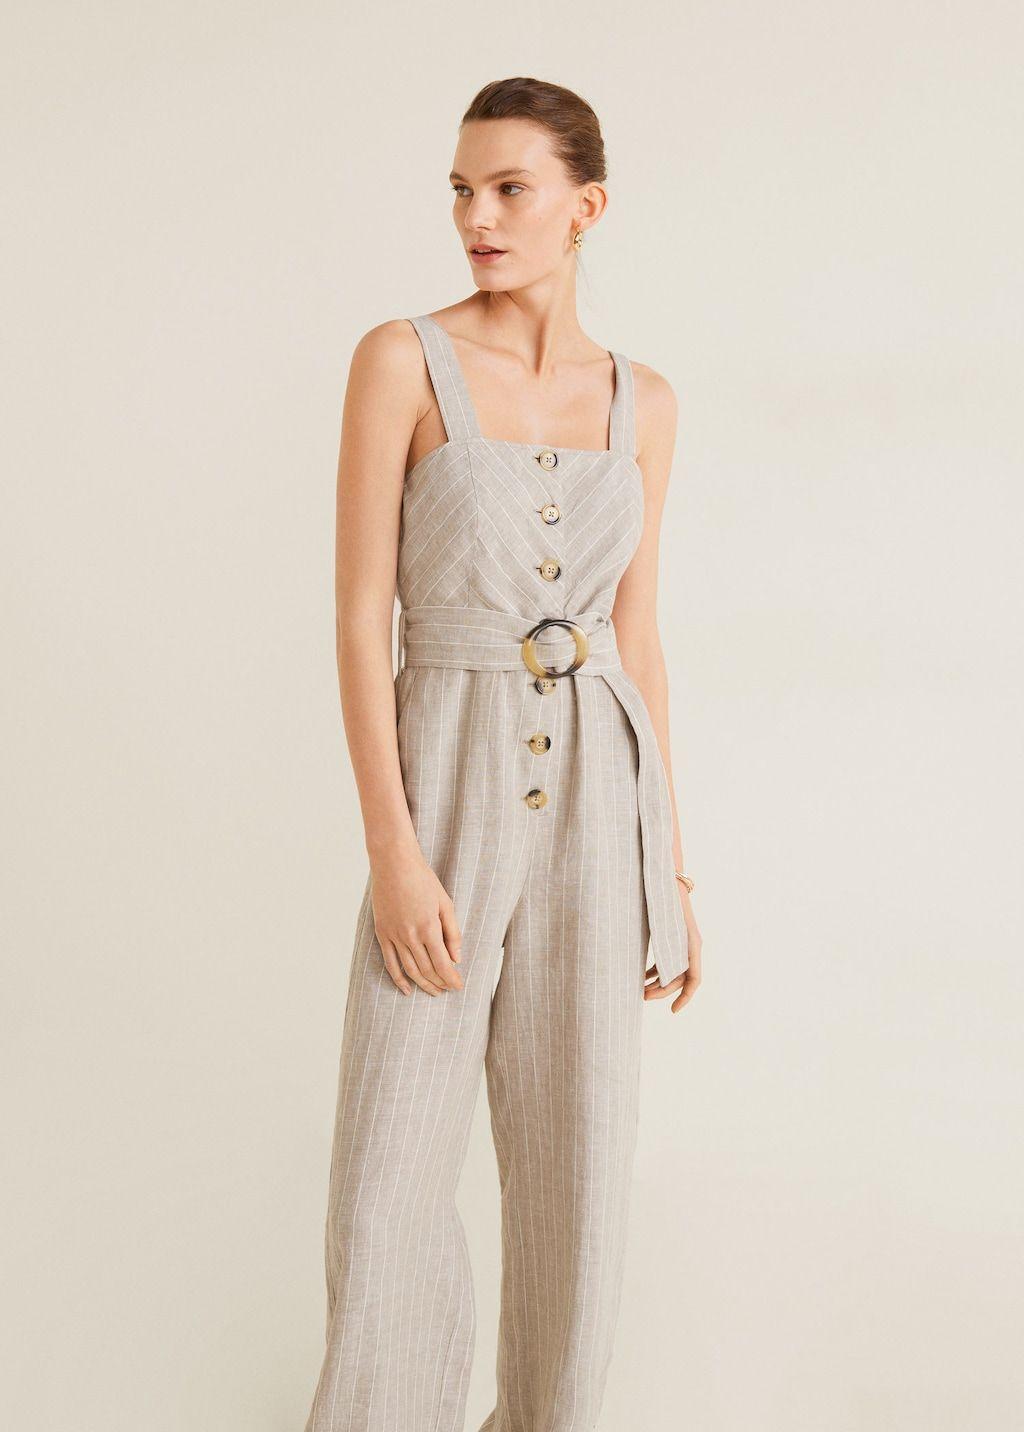 nouveaux styles 01918 c7582 Combinaison lin - Femme en 2019 | WISHLIST | Femme, Mango ...